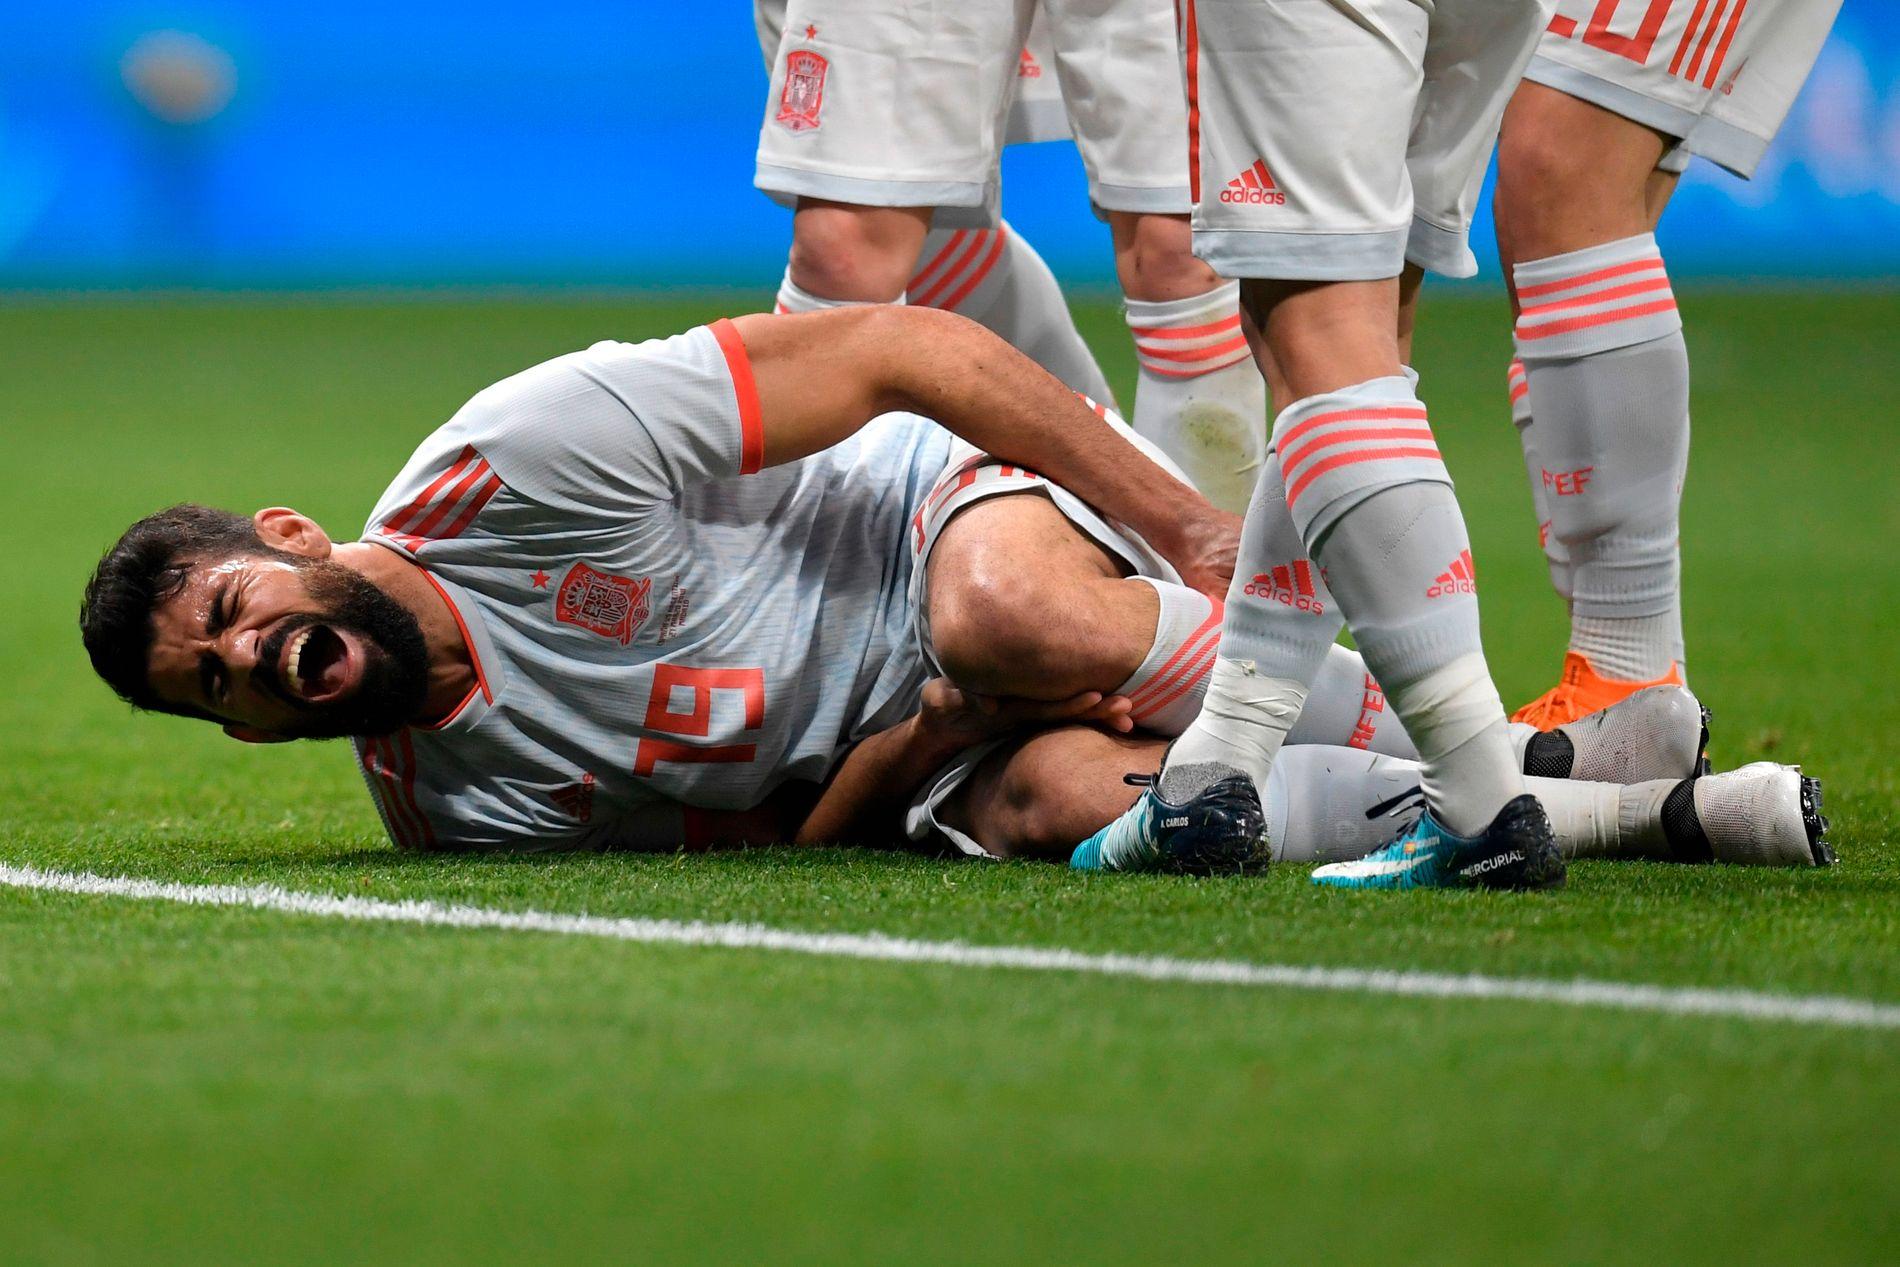 Fotballspiller Diego Costa får ofte vondt - som her i vennskapslandskampen mellom Spania og Argentina forrige uke. Ifølge en norsk studie er det god sjanse for at vennene hans har omtrent samme smerteterksel som ham selv.